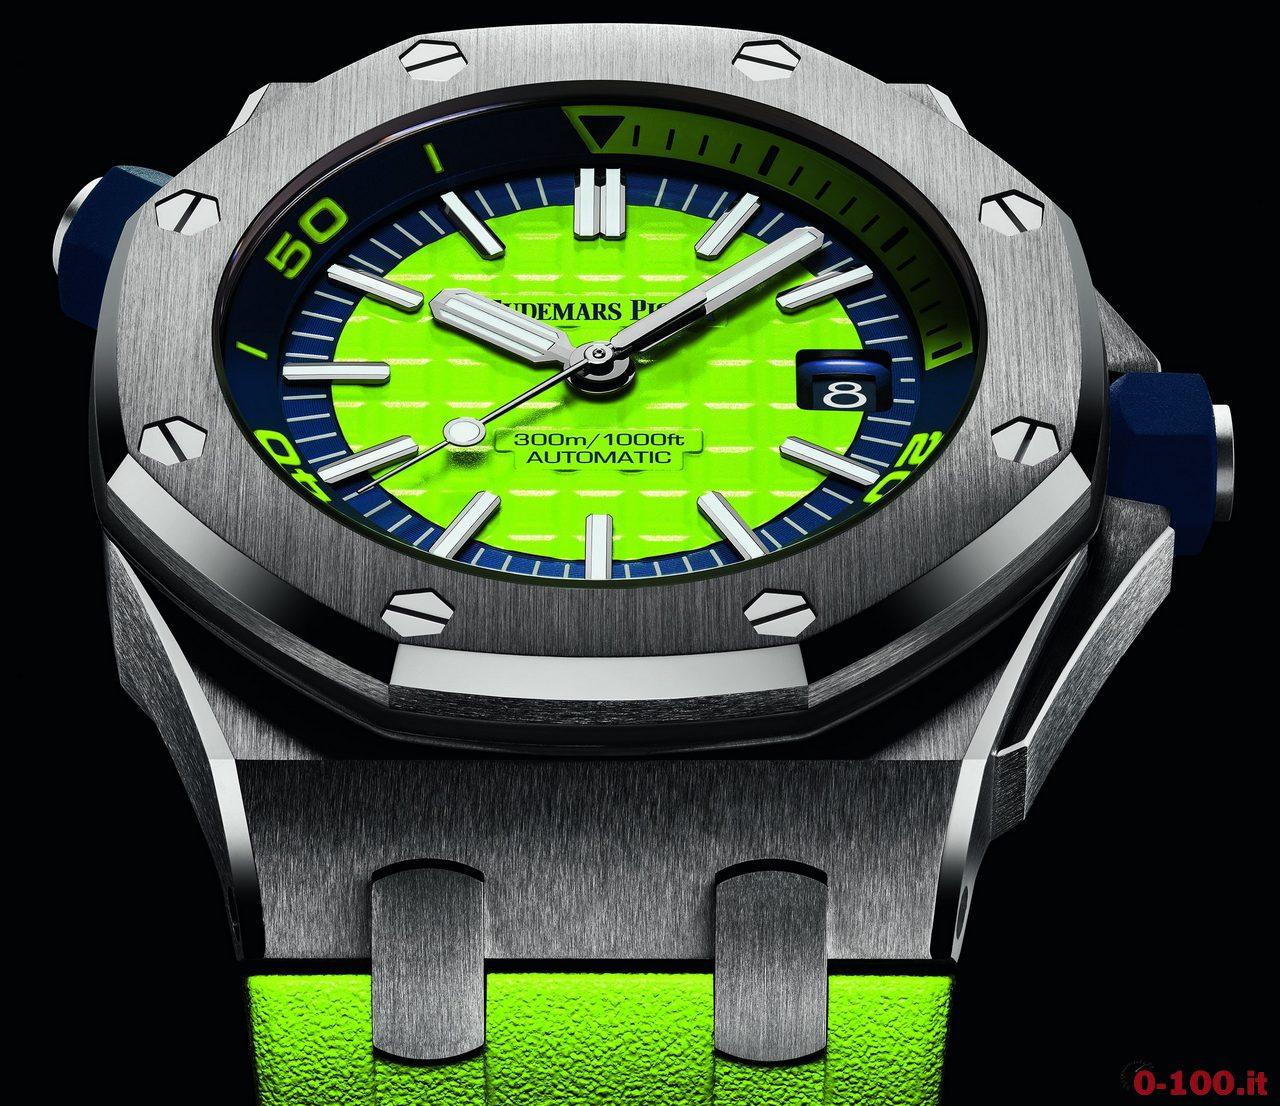 sihh_2017_audemars-piguet-royal-oak-offshore-diver-prezzi-price_0-10017